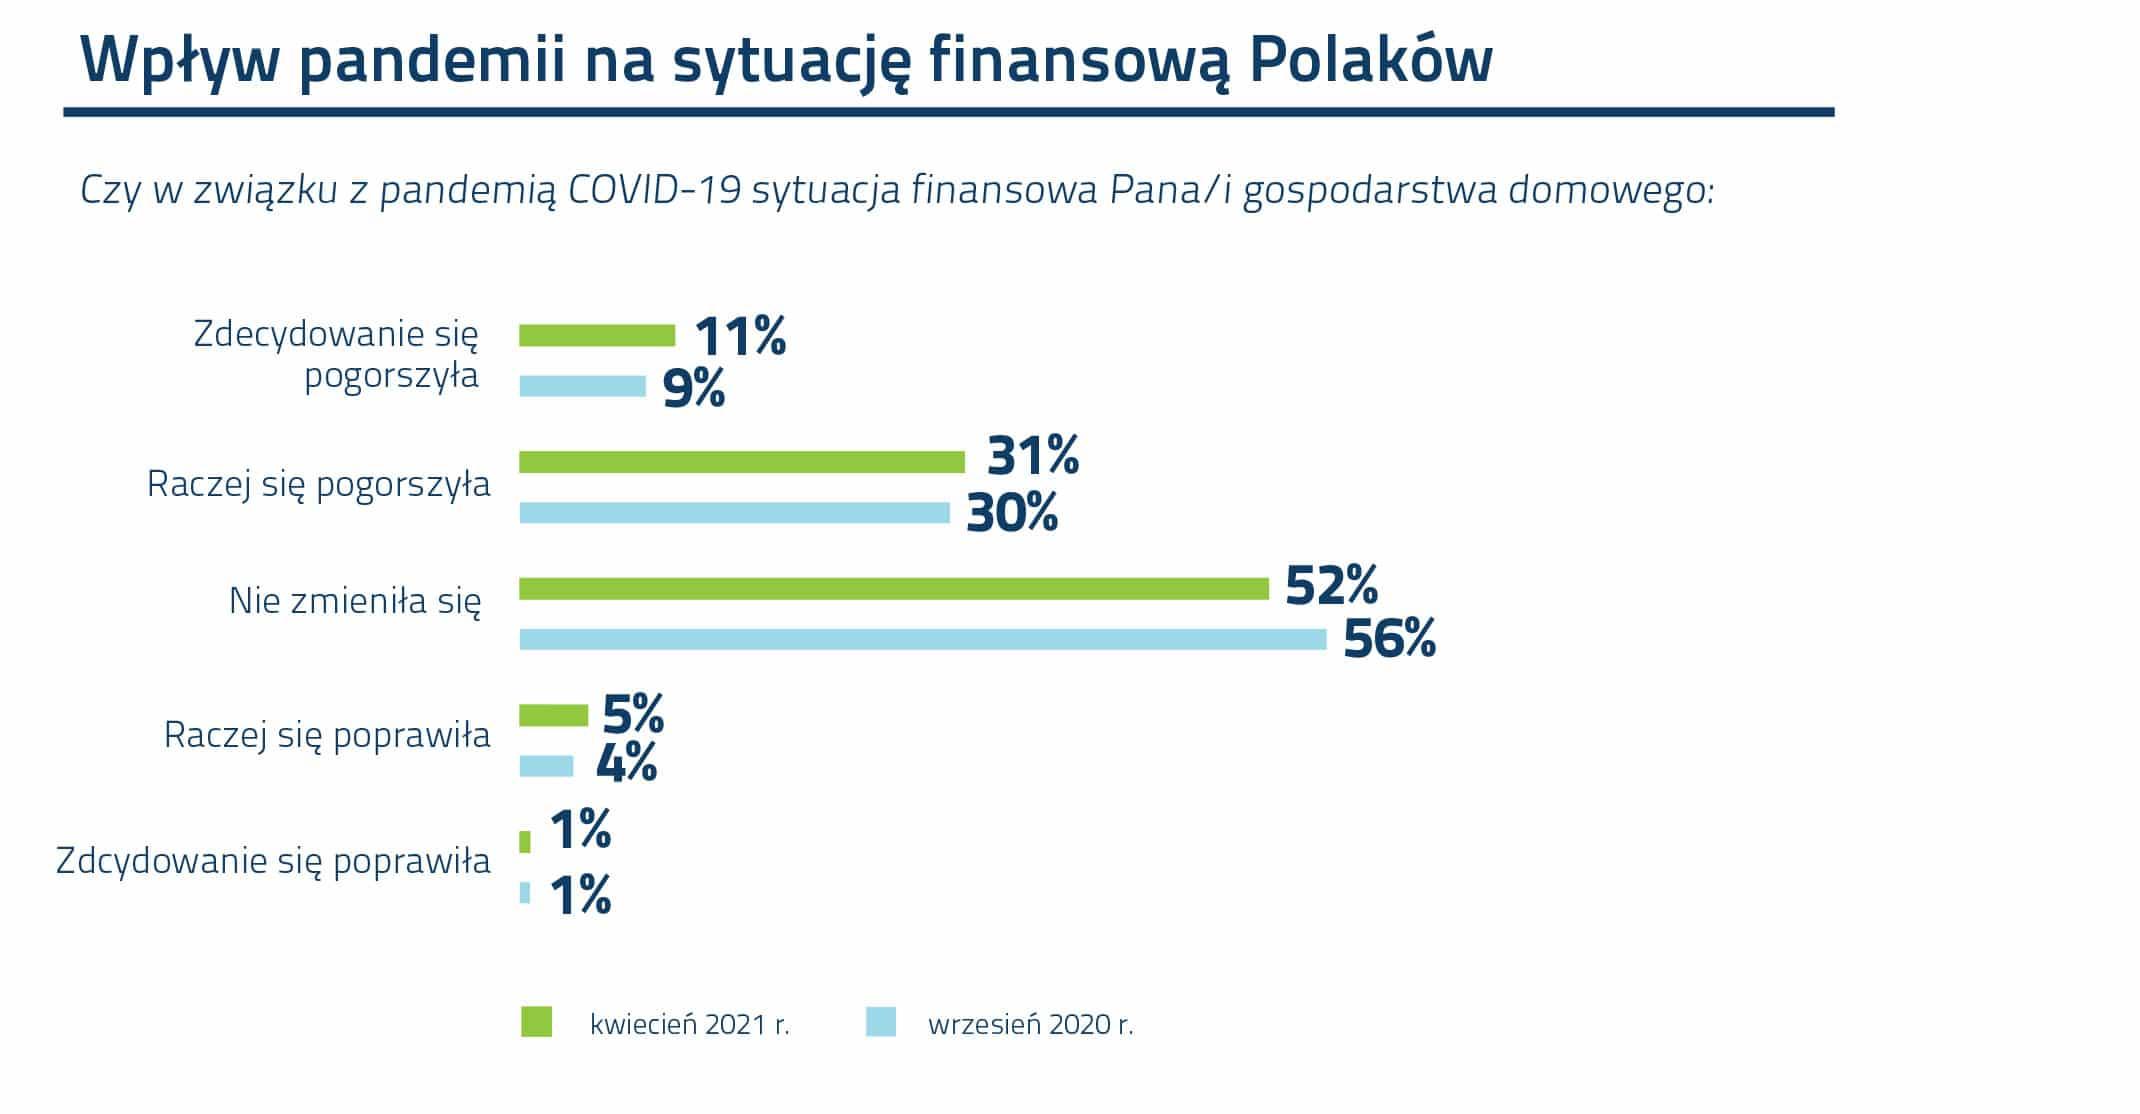 Wykres_Wpływ pandemii na finanse Polaków